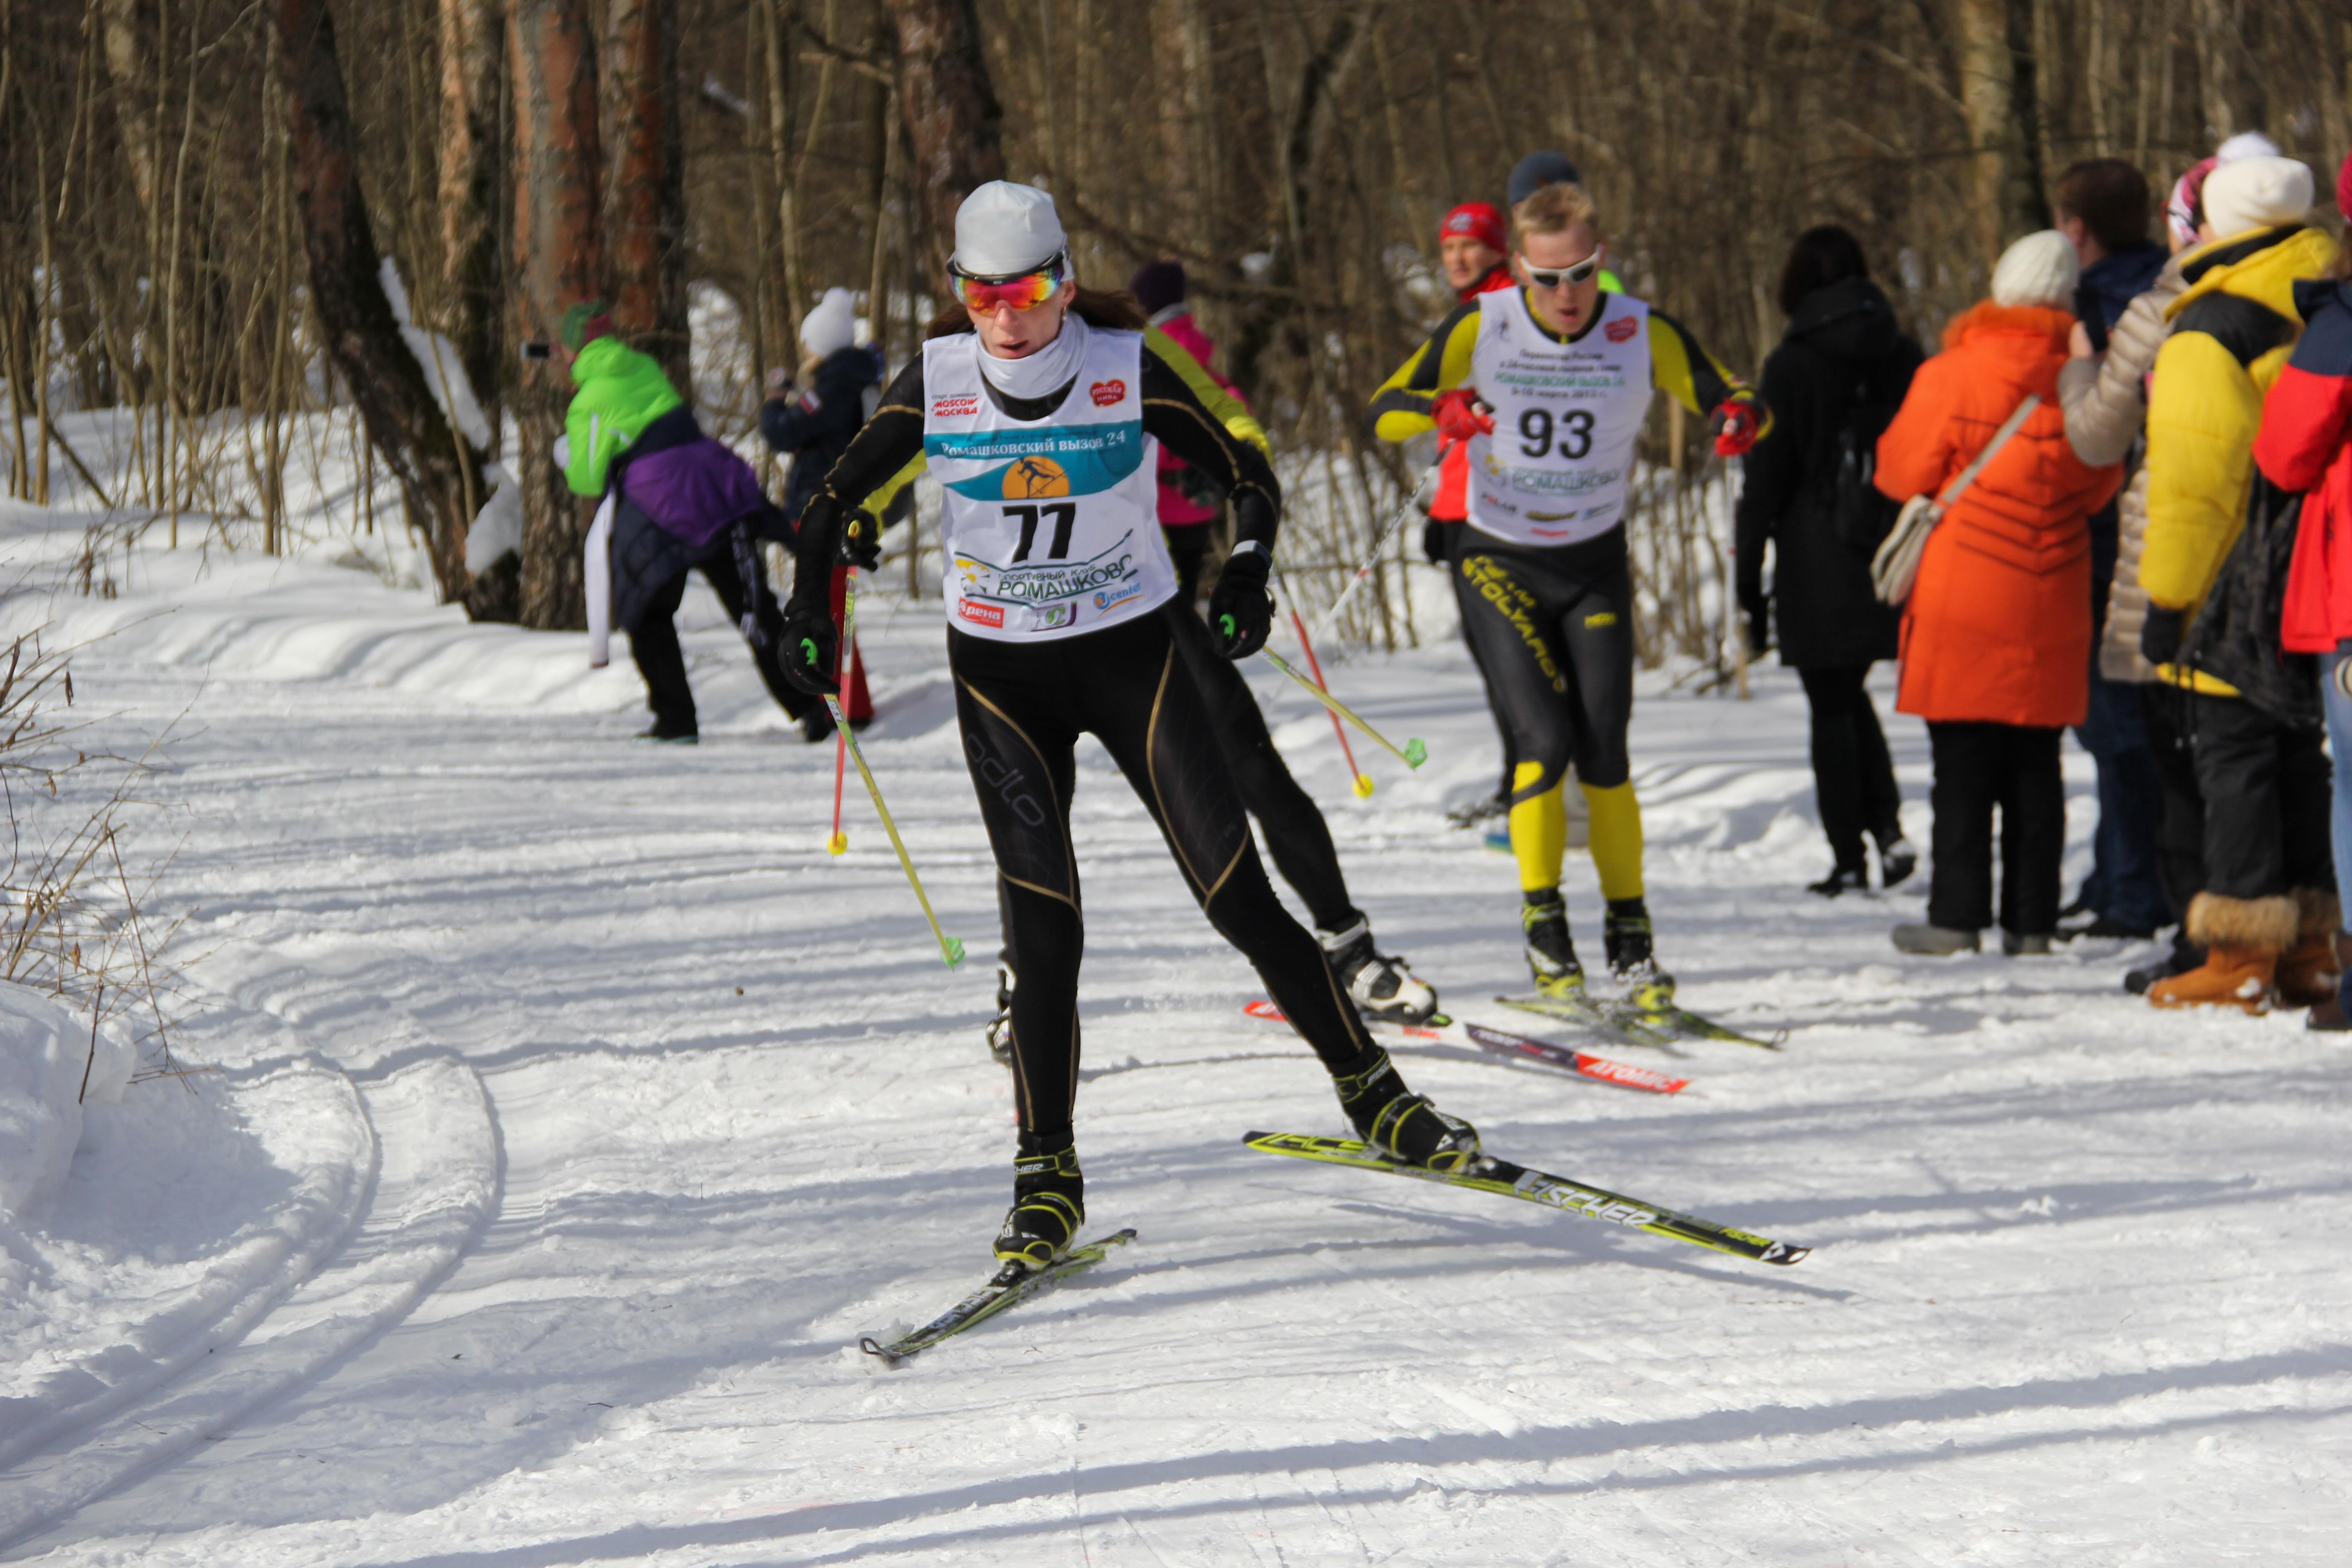 """Триатлон-эстафета """"Зима-Лето"""" 25.03.2018 в Ромашково (бег, велосипед, лыжи). Лыжный этап"""